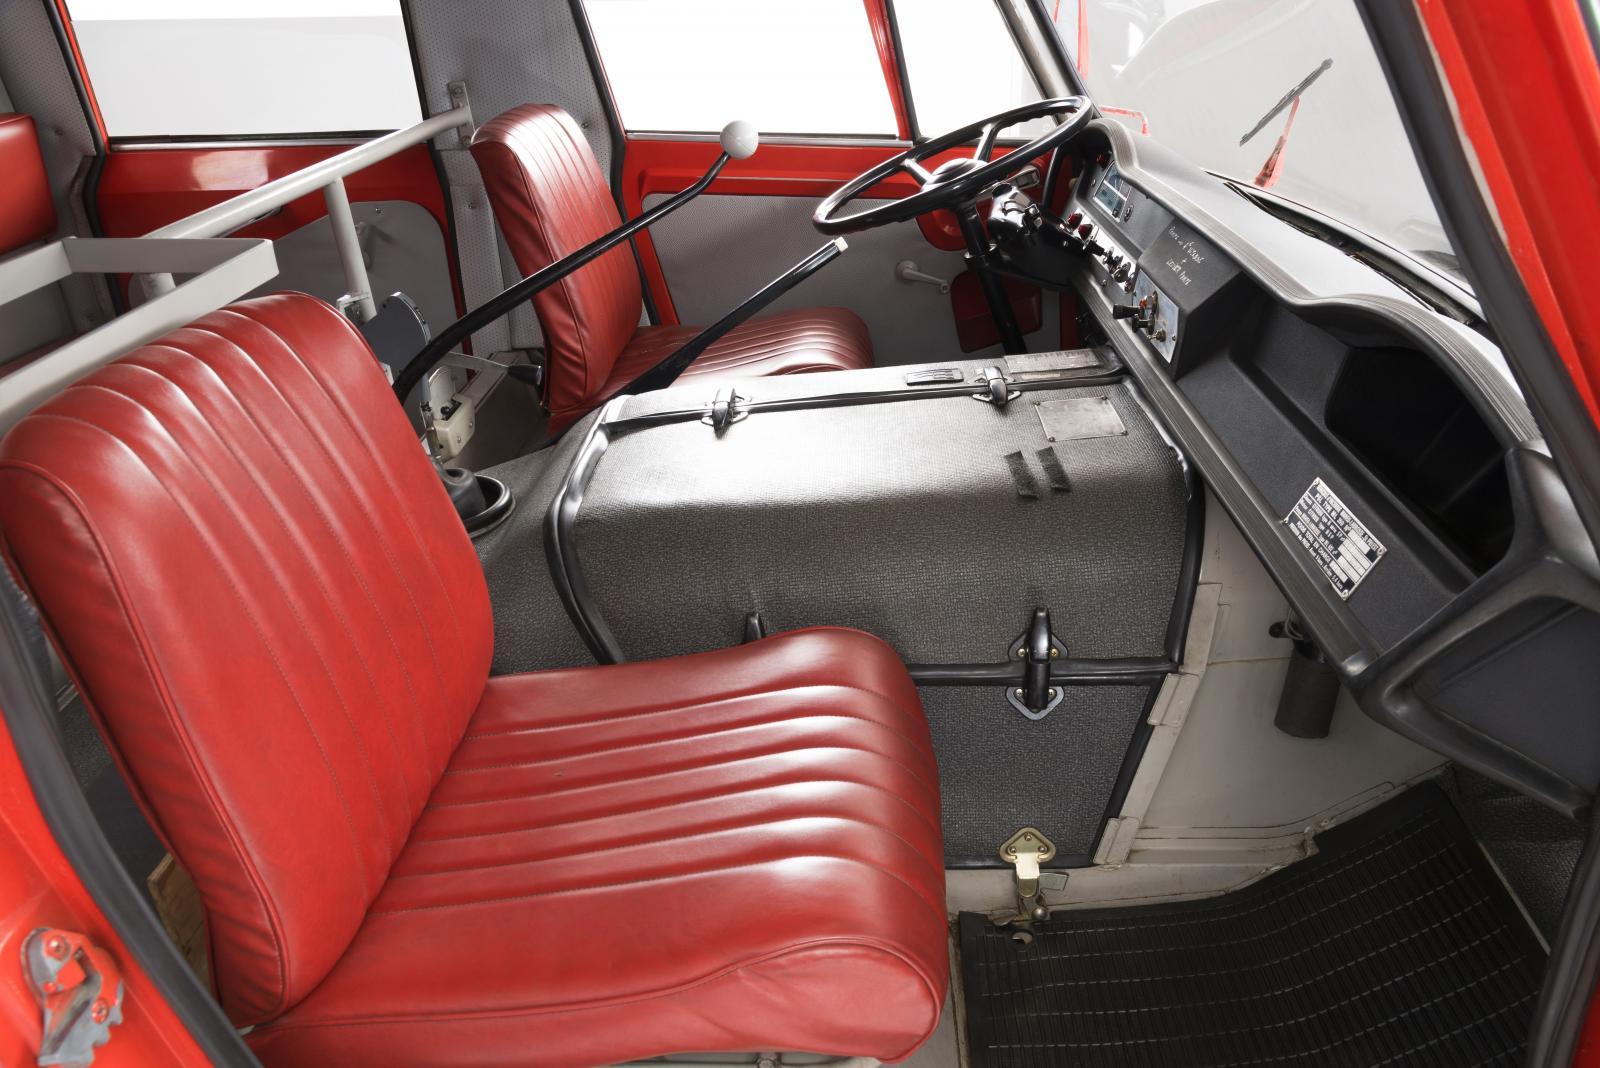 Передние сиденья. Belphégor. Пожарная машина